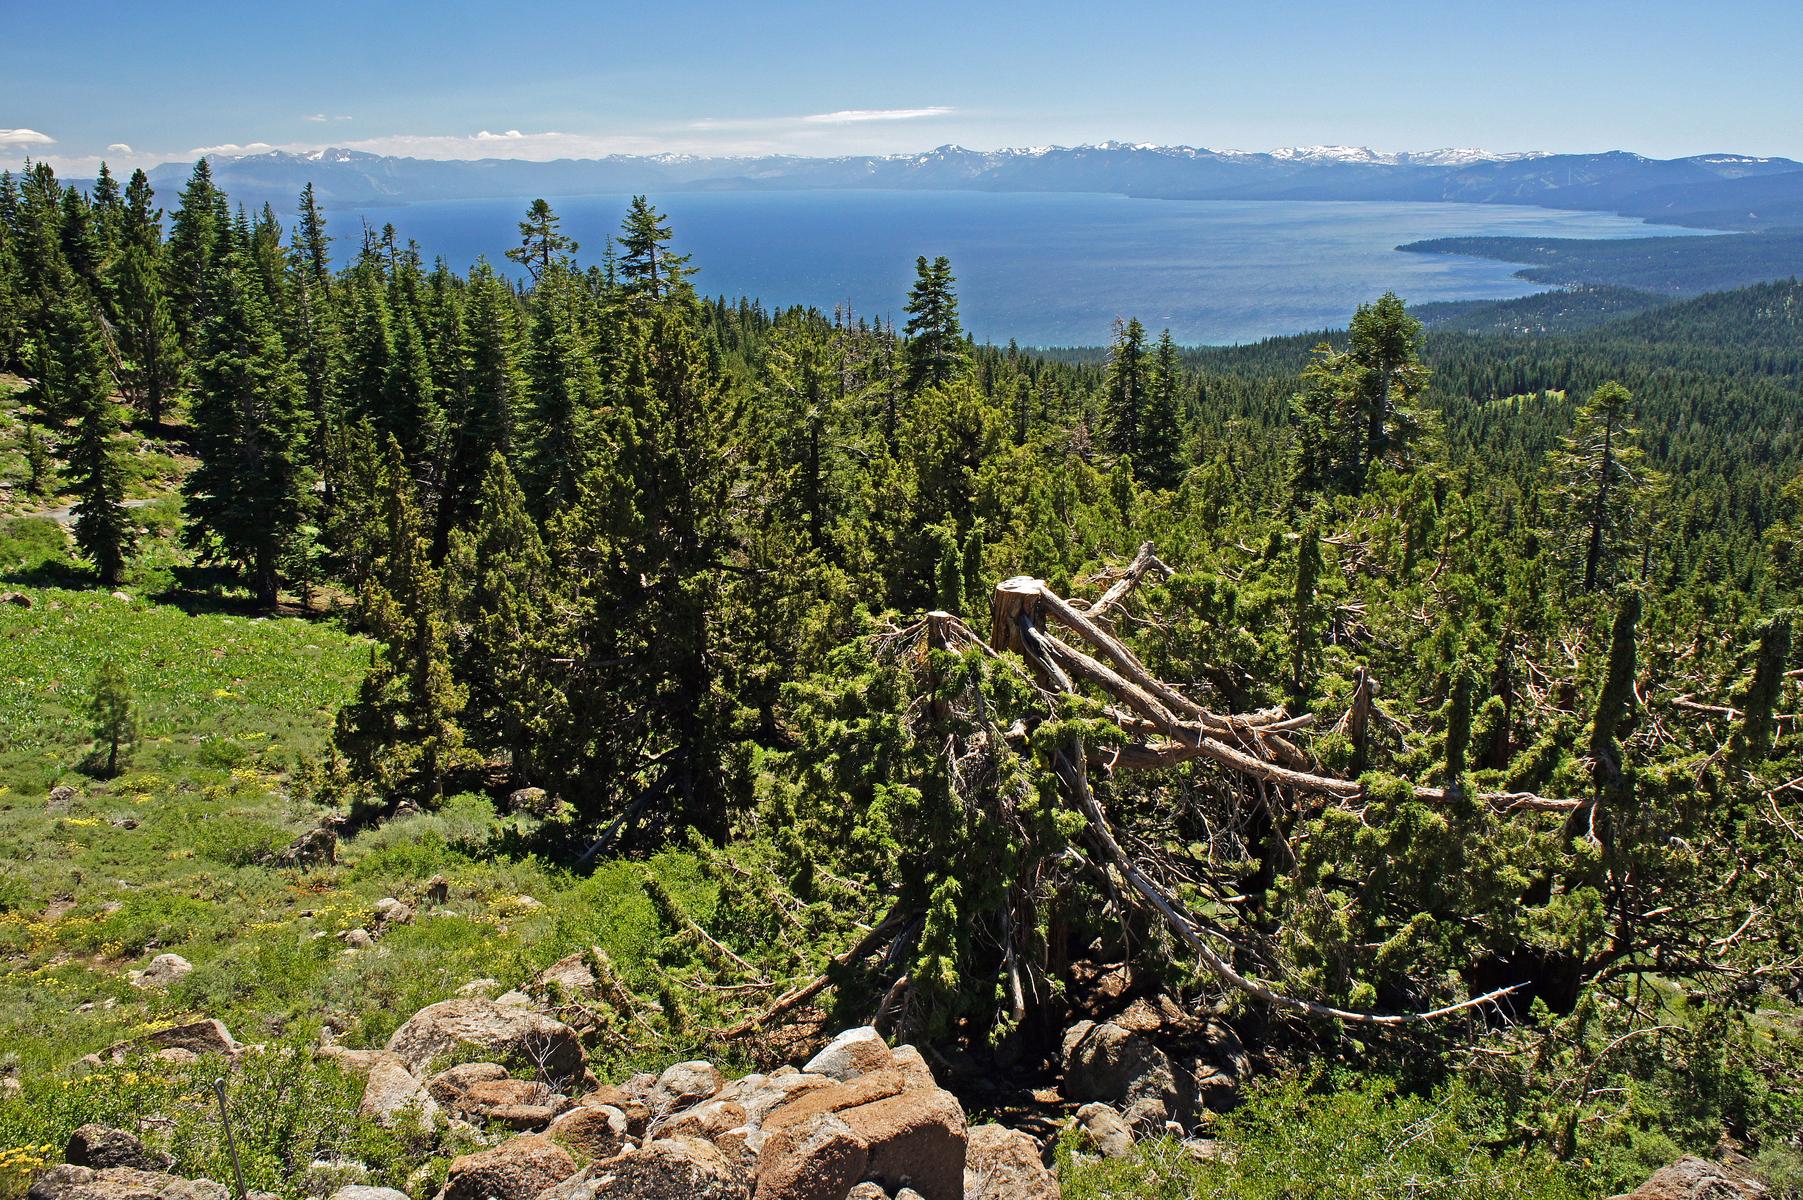 overlooking Lake Tahoe, near Truckee, California